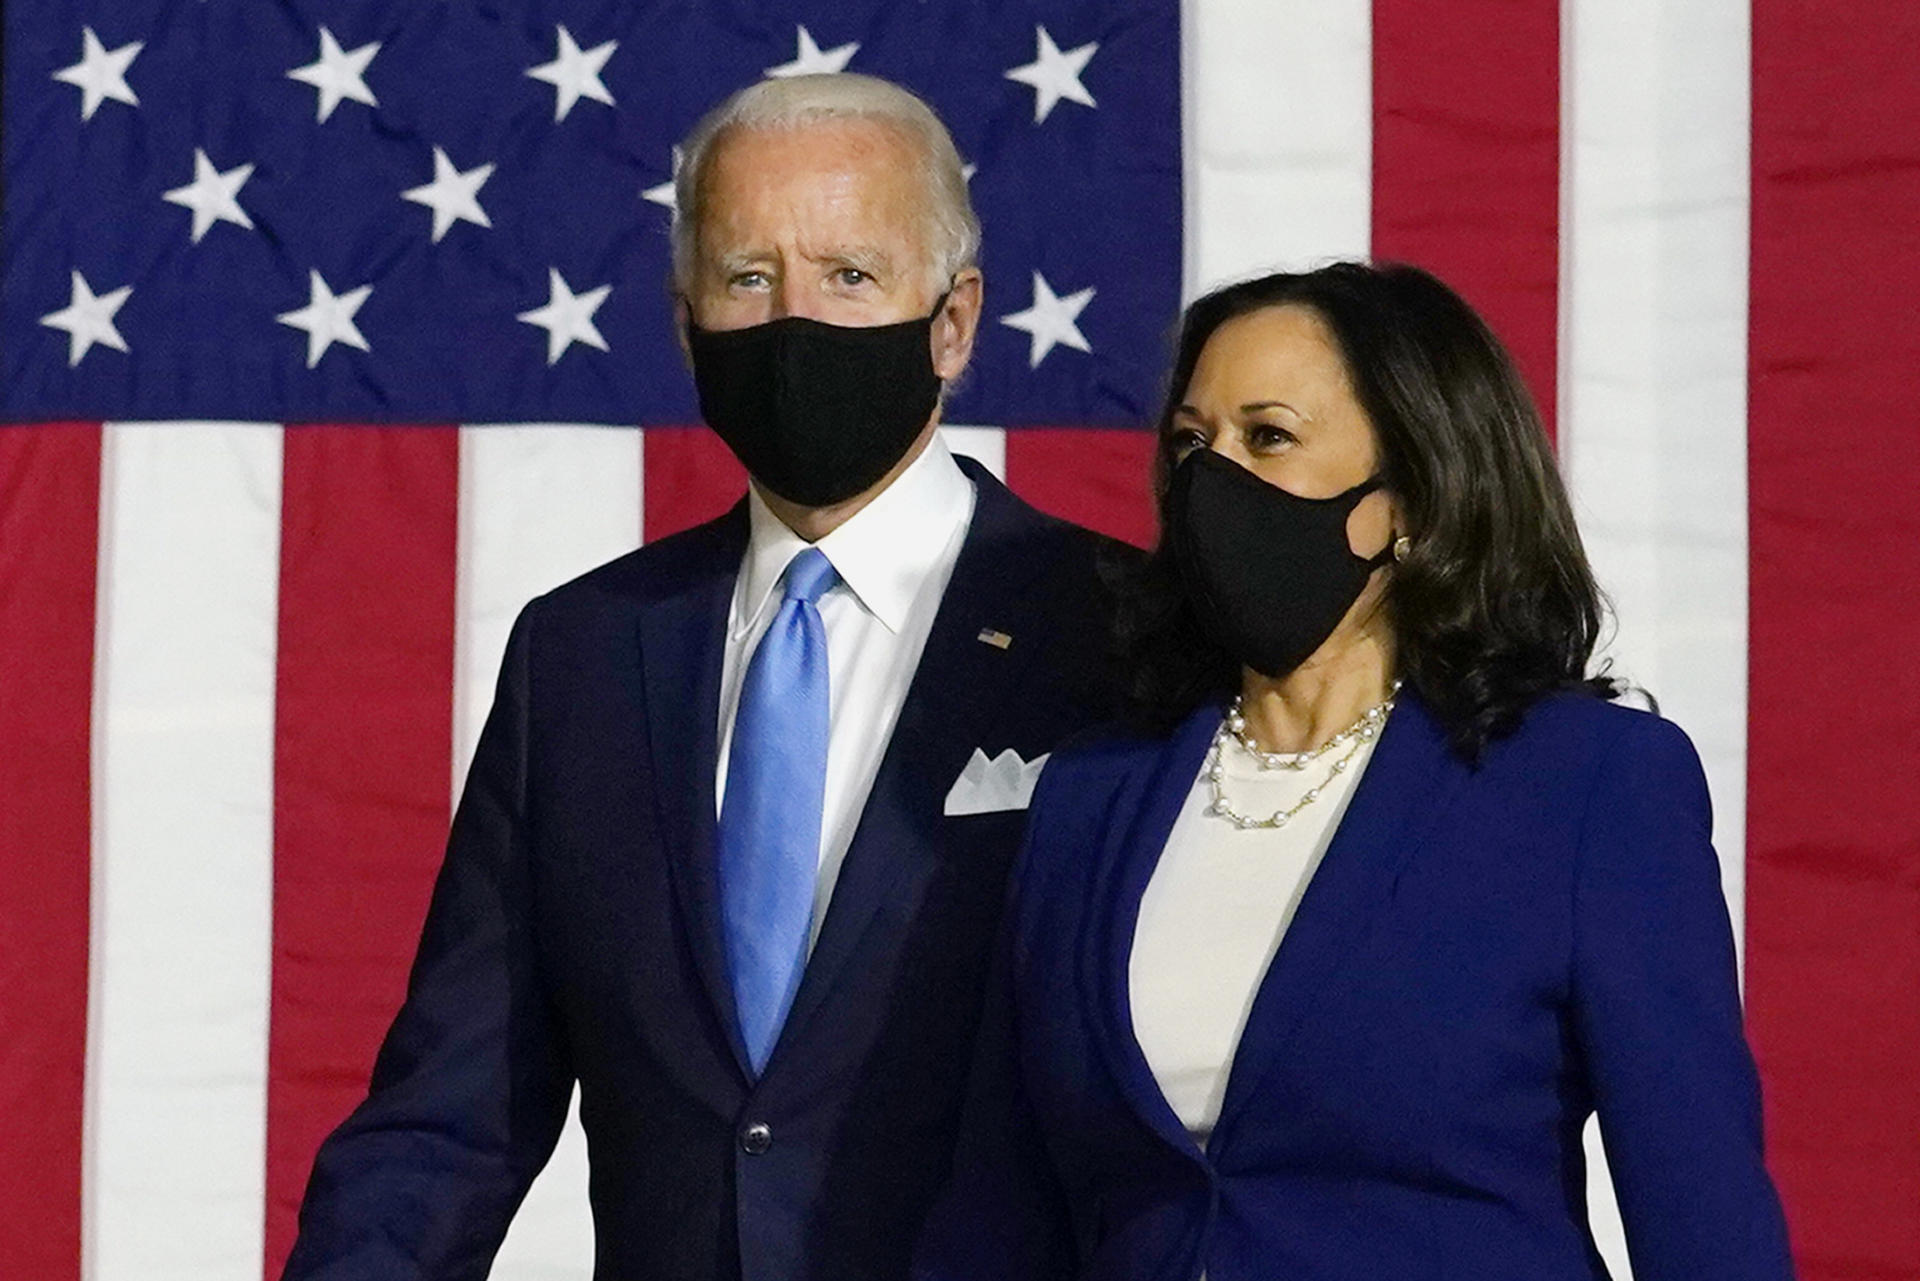 Joe Biden et Kamala Harris promettent de «reconstruire» l'Amérique  post-Trump - Le Temps